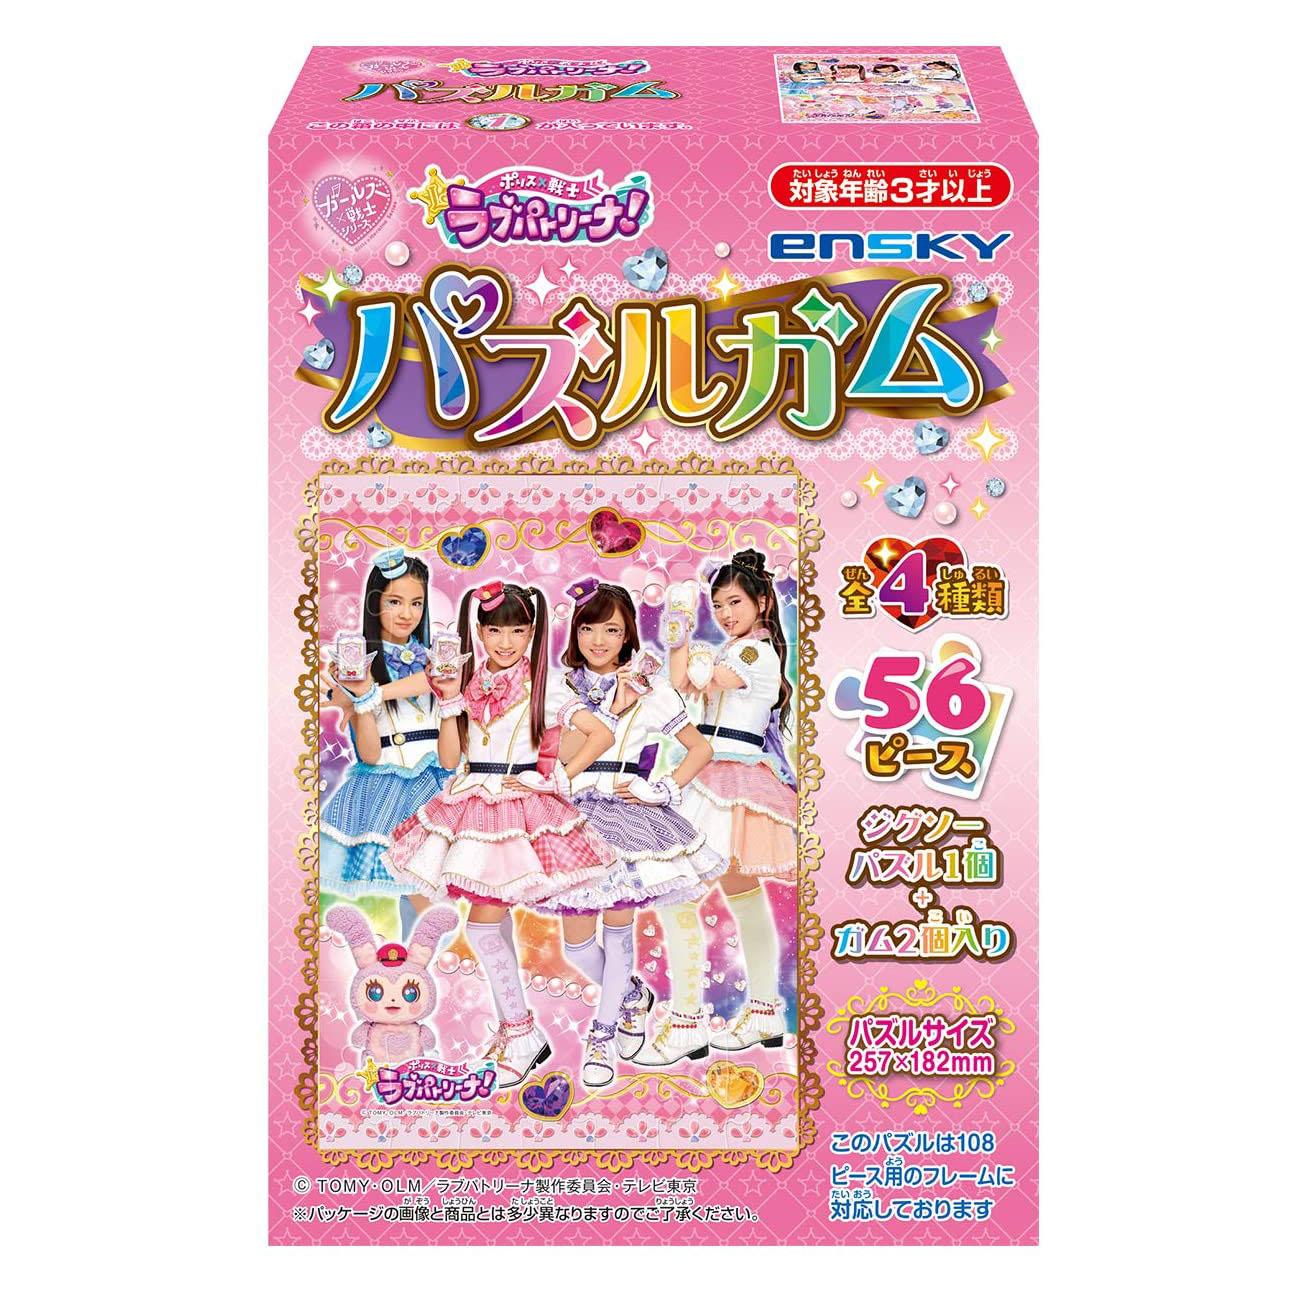 【食玩】ラブパト『ポリス×戦士 ラブパトリーナ! パズルガム』8個入りBOX-001